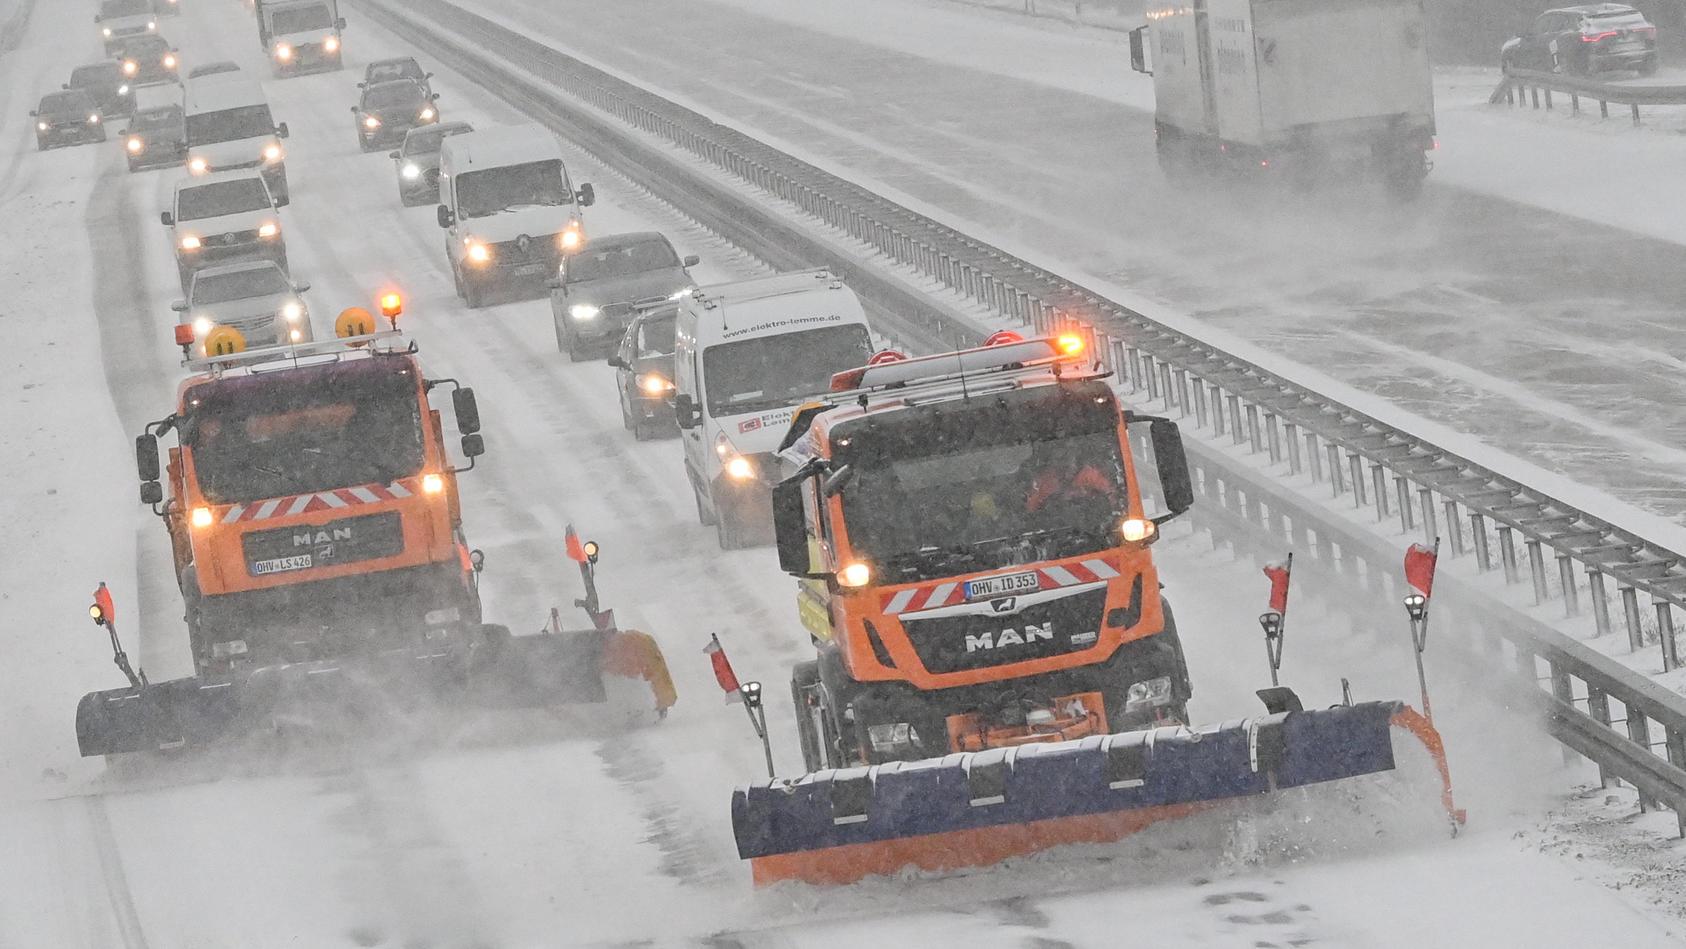 Räumfahrzeuge vom Winterdienst fahren auf der A12 in Brandenburg.